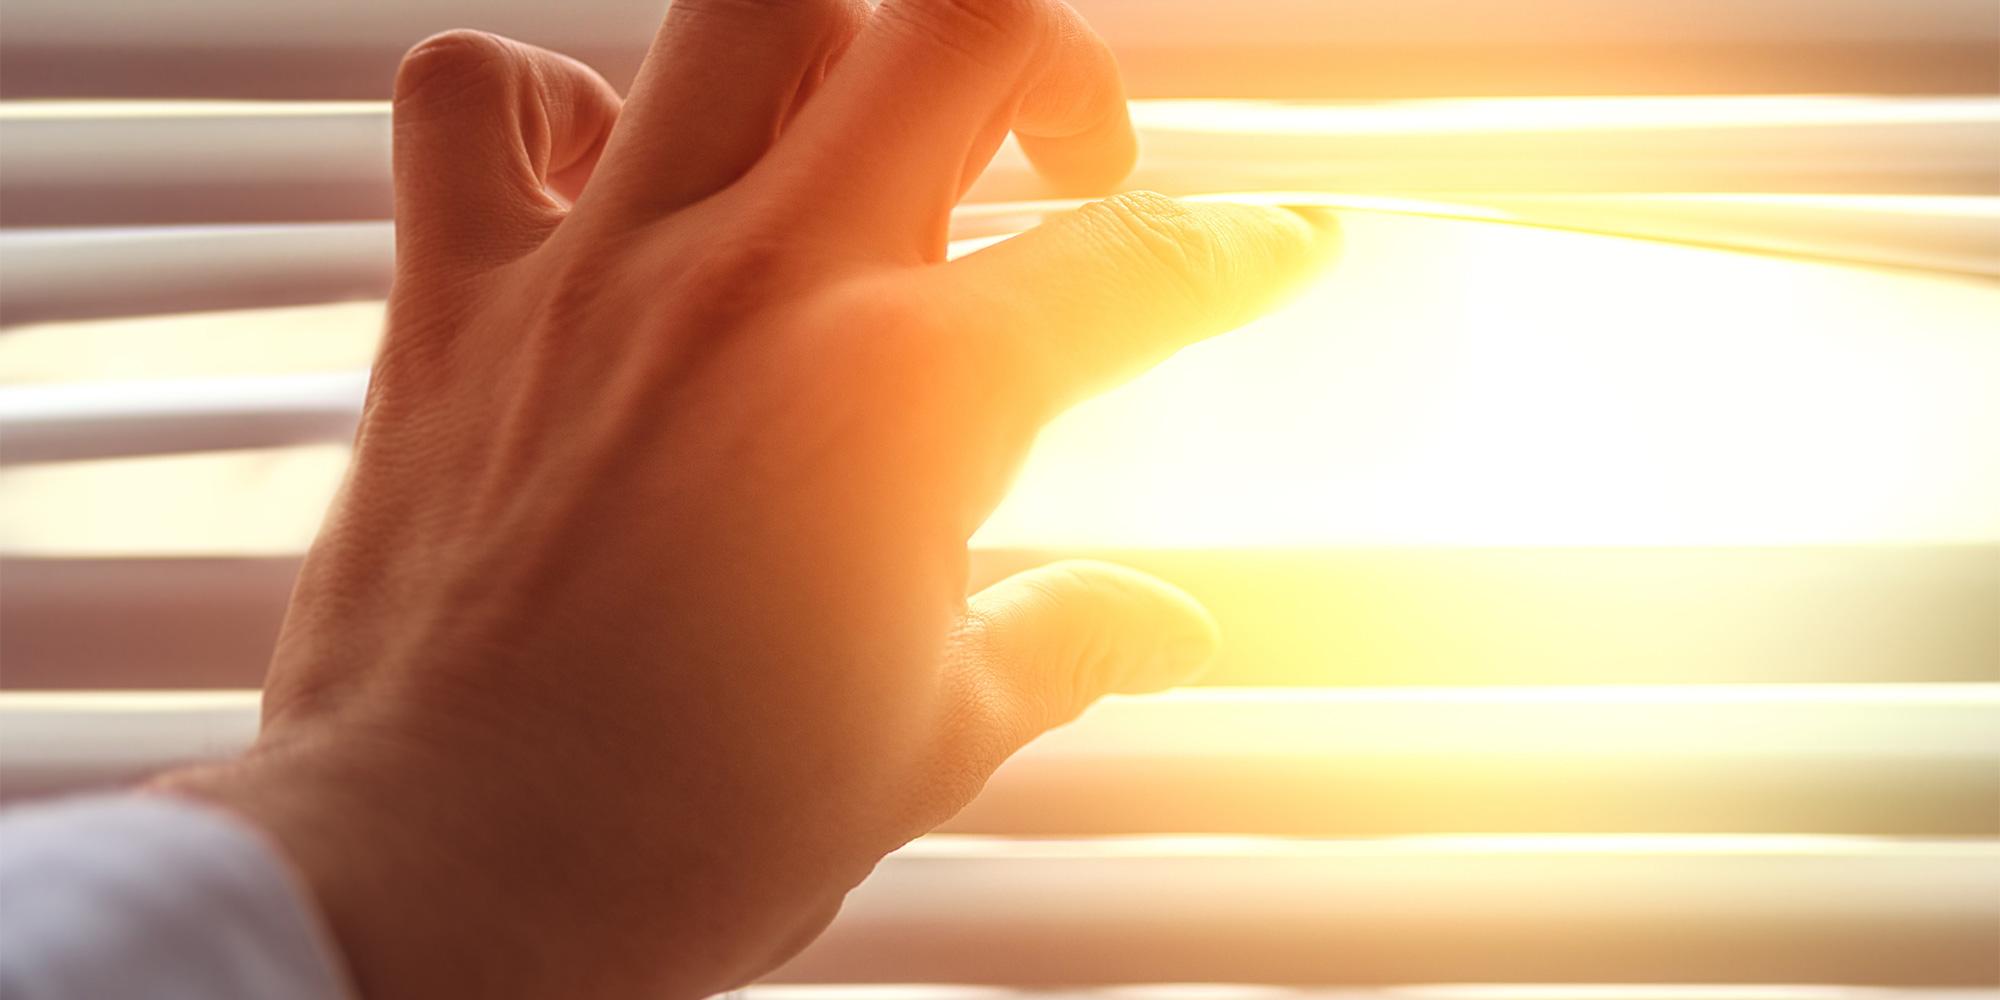 Praktische Büro-Tipps: Angenehmer Arbeiten im Sommer